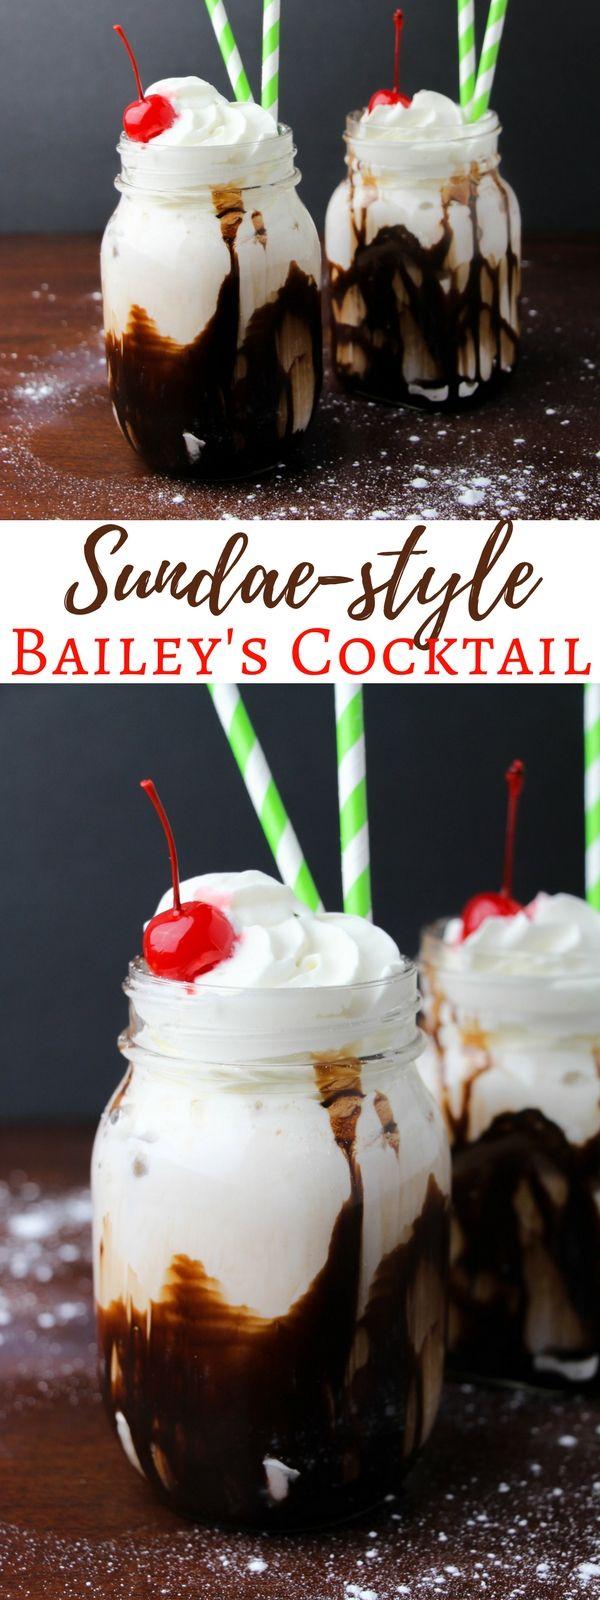 Bailey's Sundae-Style St Patrick Drinks